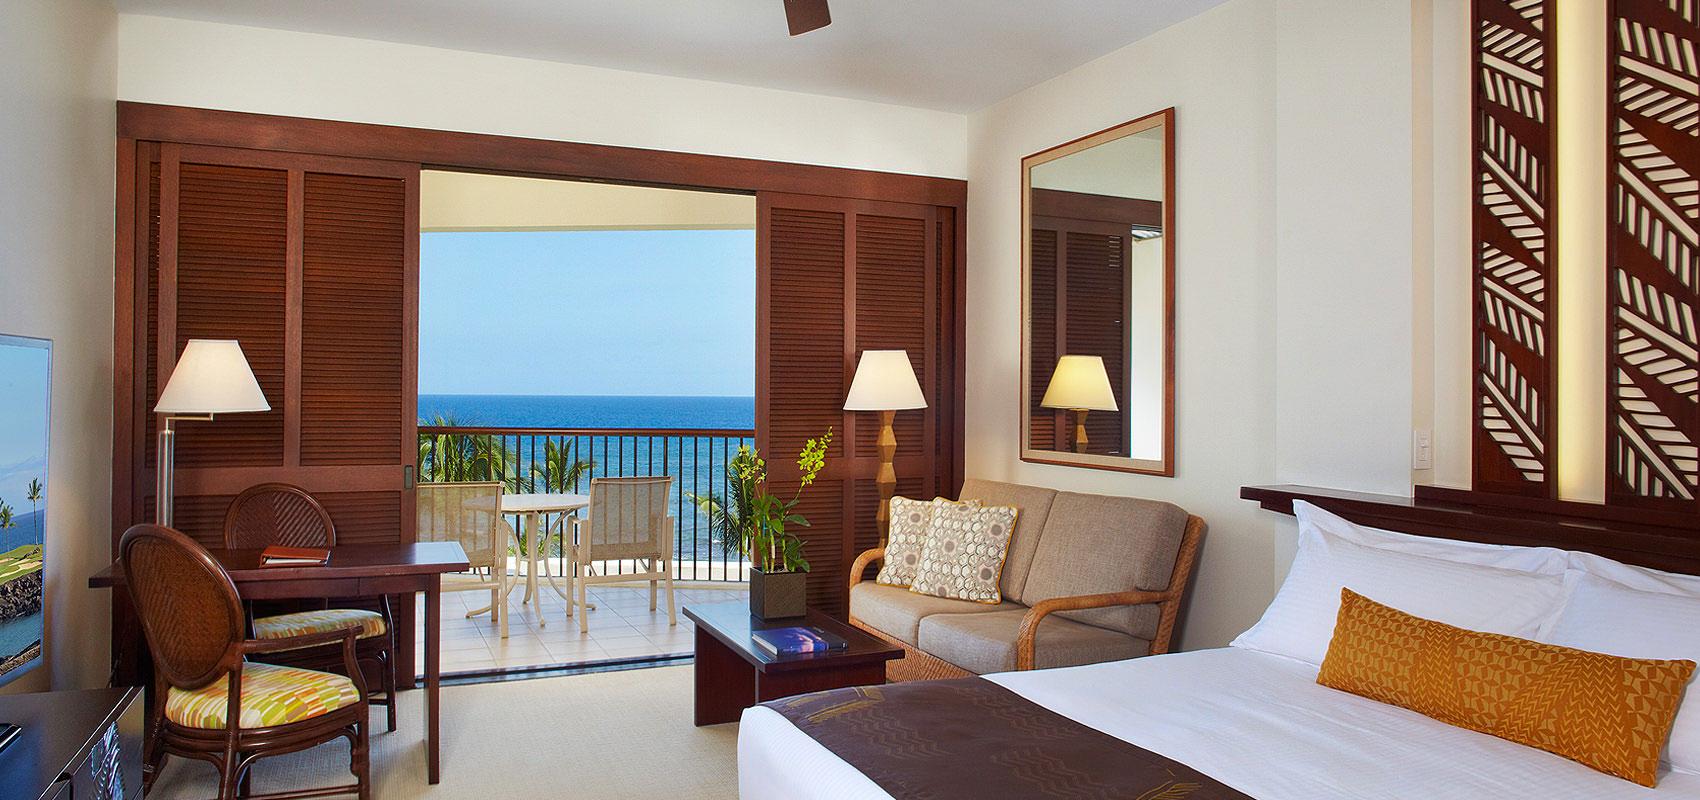 FTN-Mauna-Lani-Bay-Hotel-22